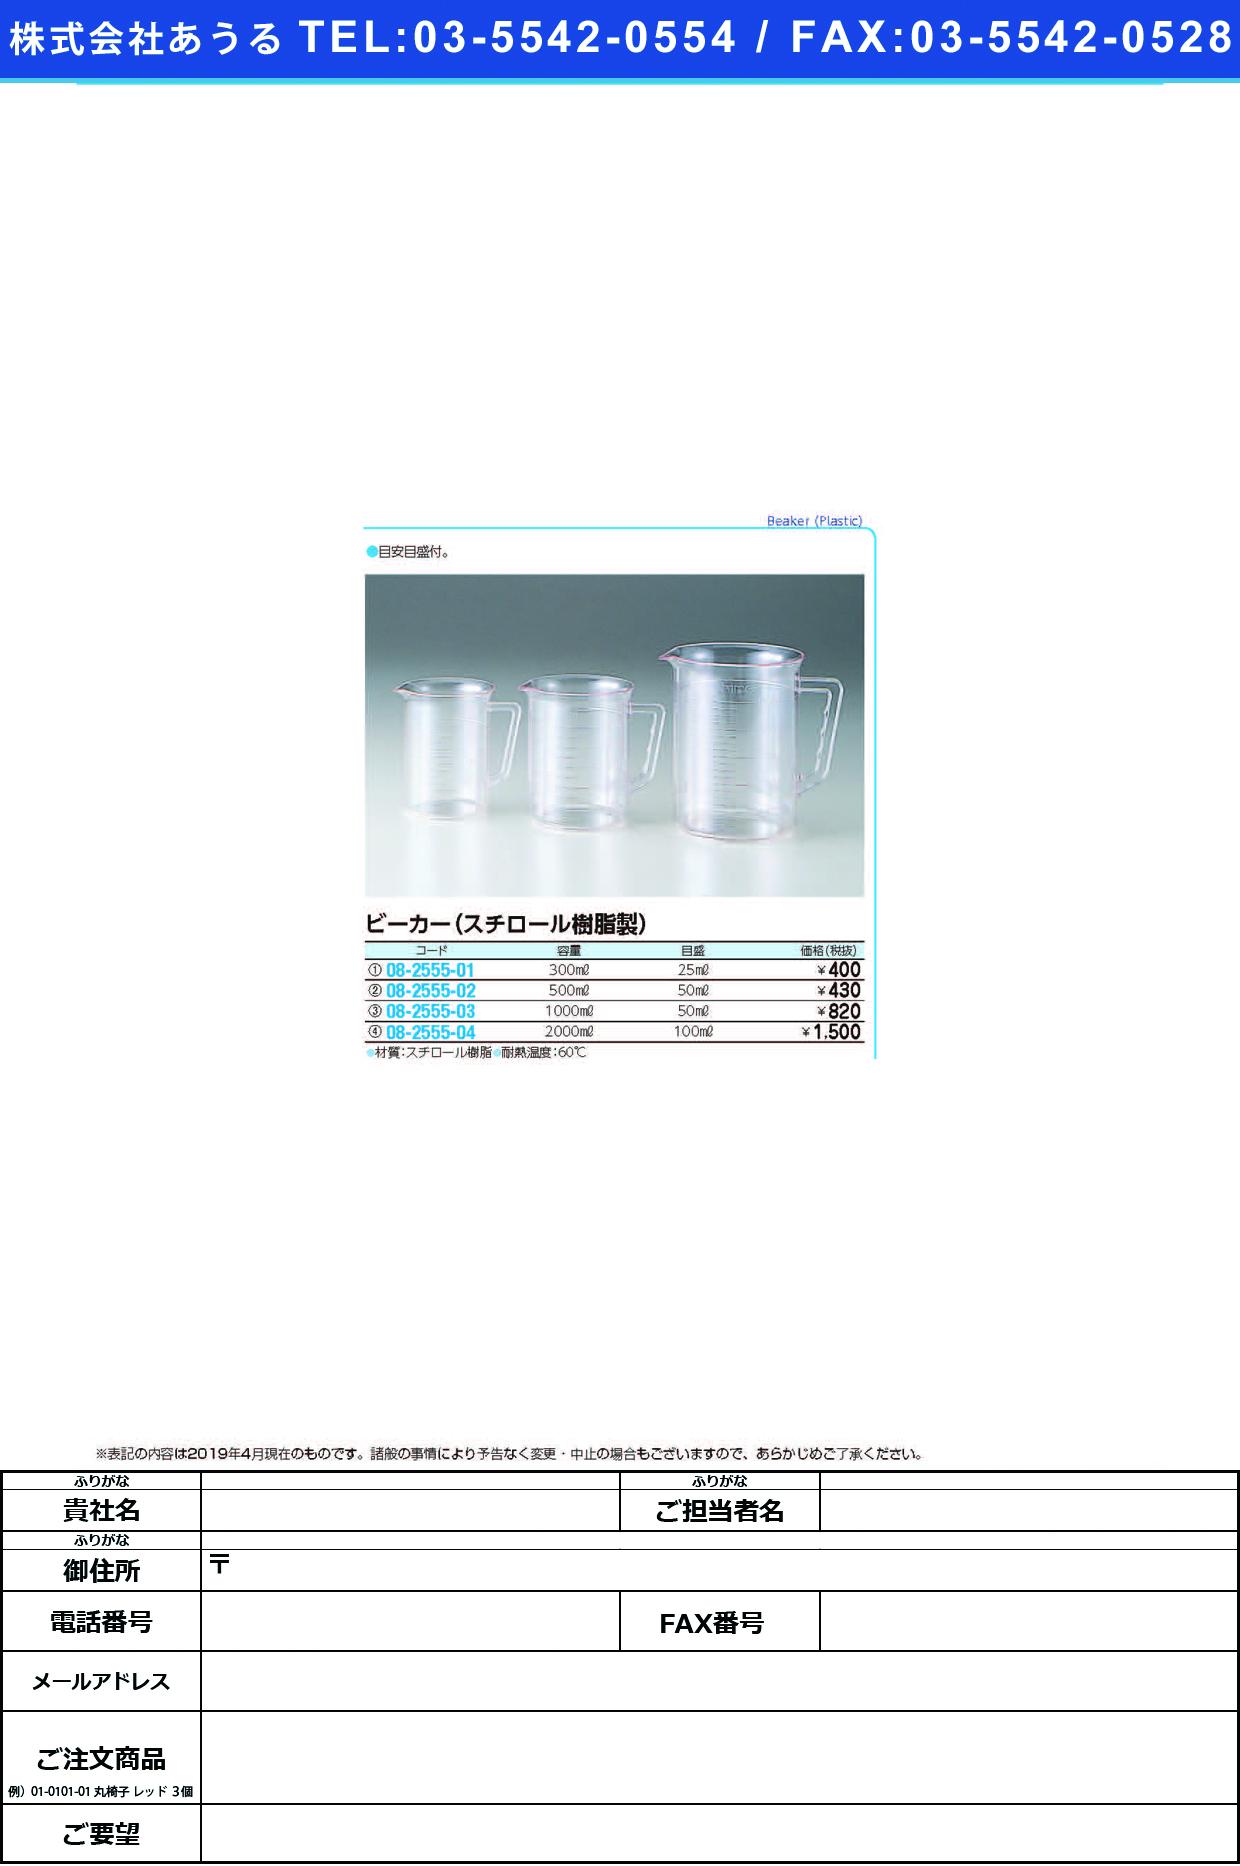 (08-2555-03)ビーカー(スチロール樹脂製) 1000CC ビーカー(スチロールセイ)【1個単位】【2019年カタログ商品】